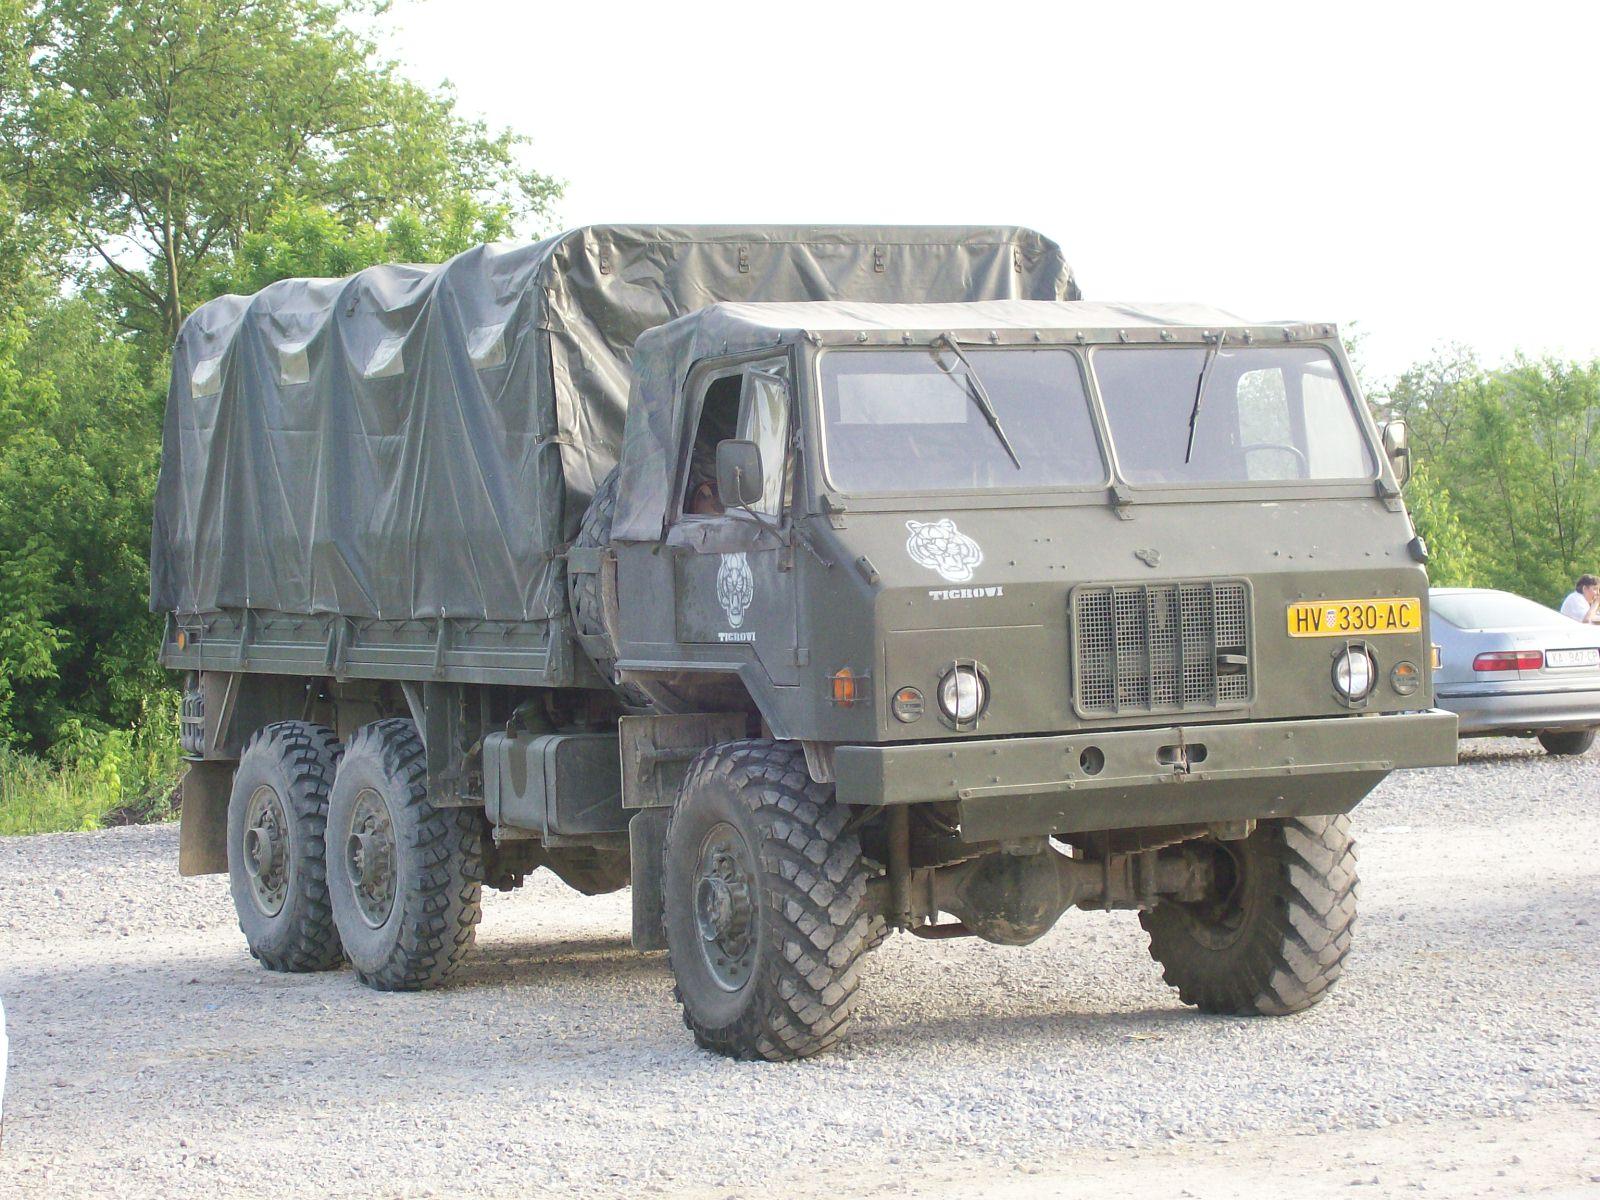 tam_kamion_hv_tigrovi